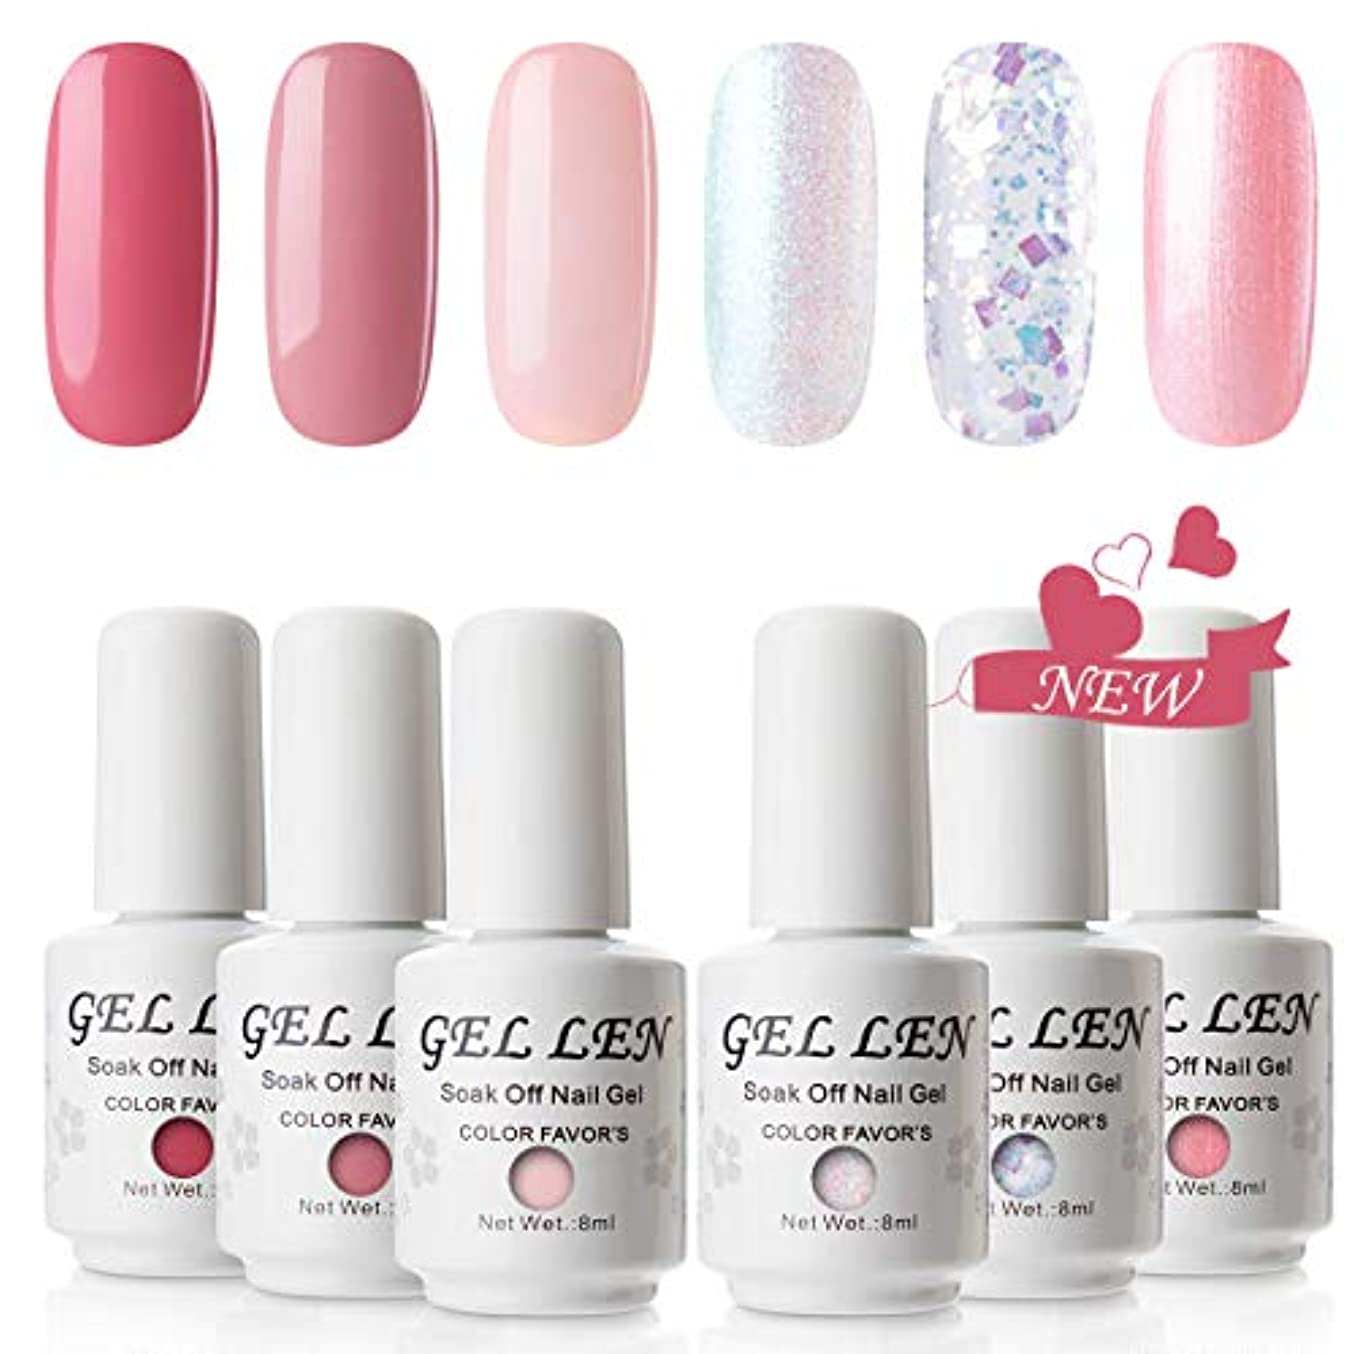 変な入学する報いるGellen ジェルネイル カラージェル 厳選6色 UV/LED ラメ 全ての女性に愛されるカラー 8ml ピンク ホワイトラメ